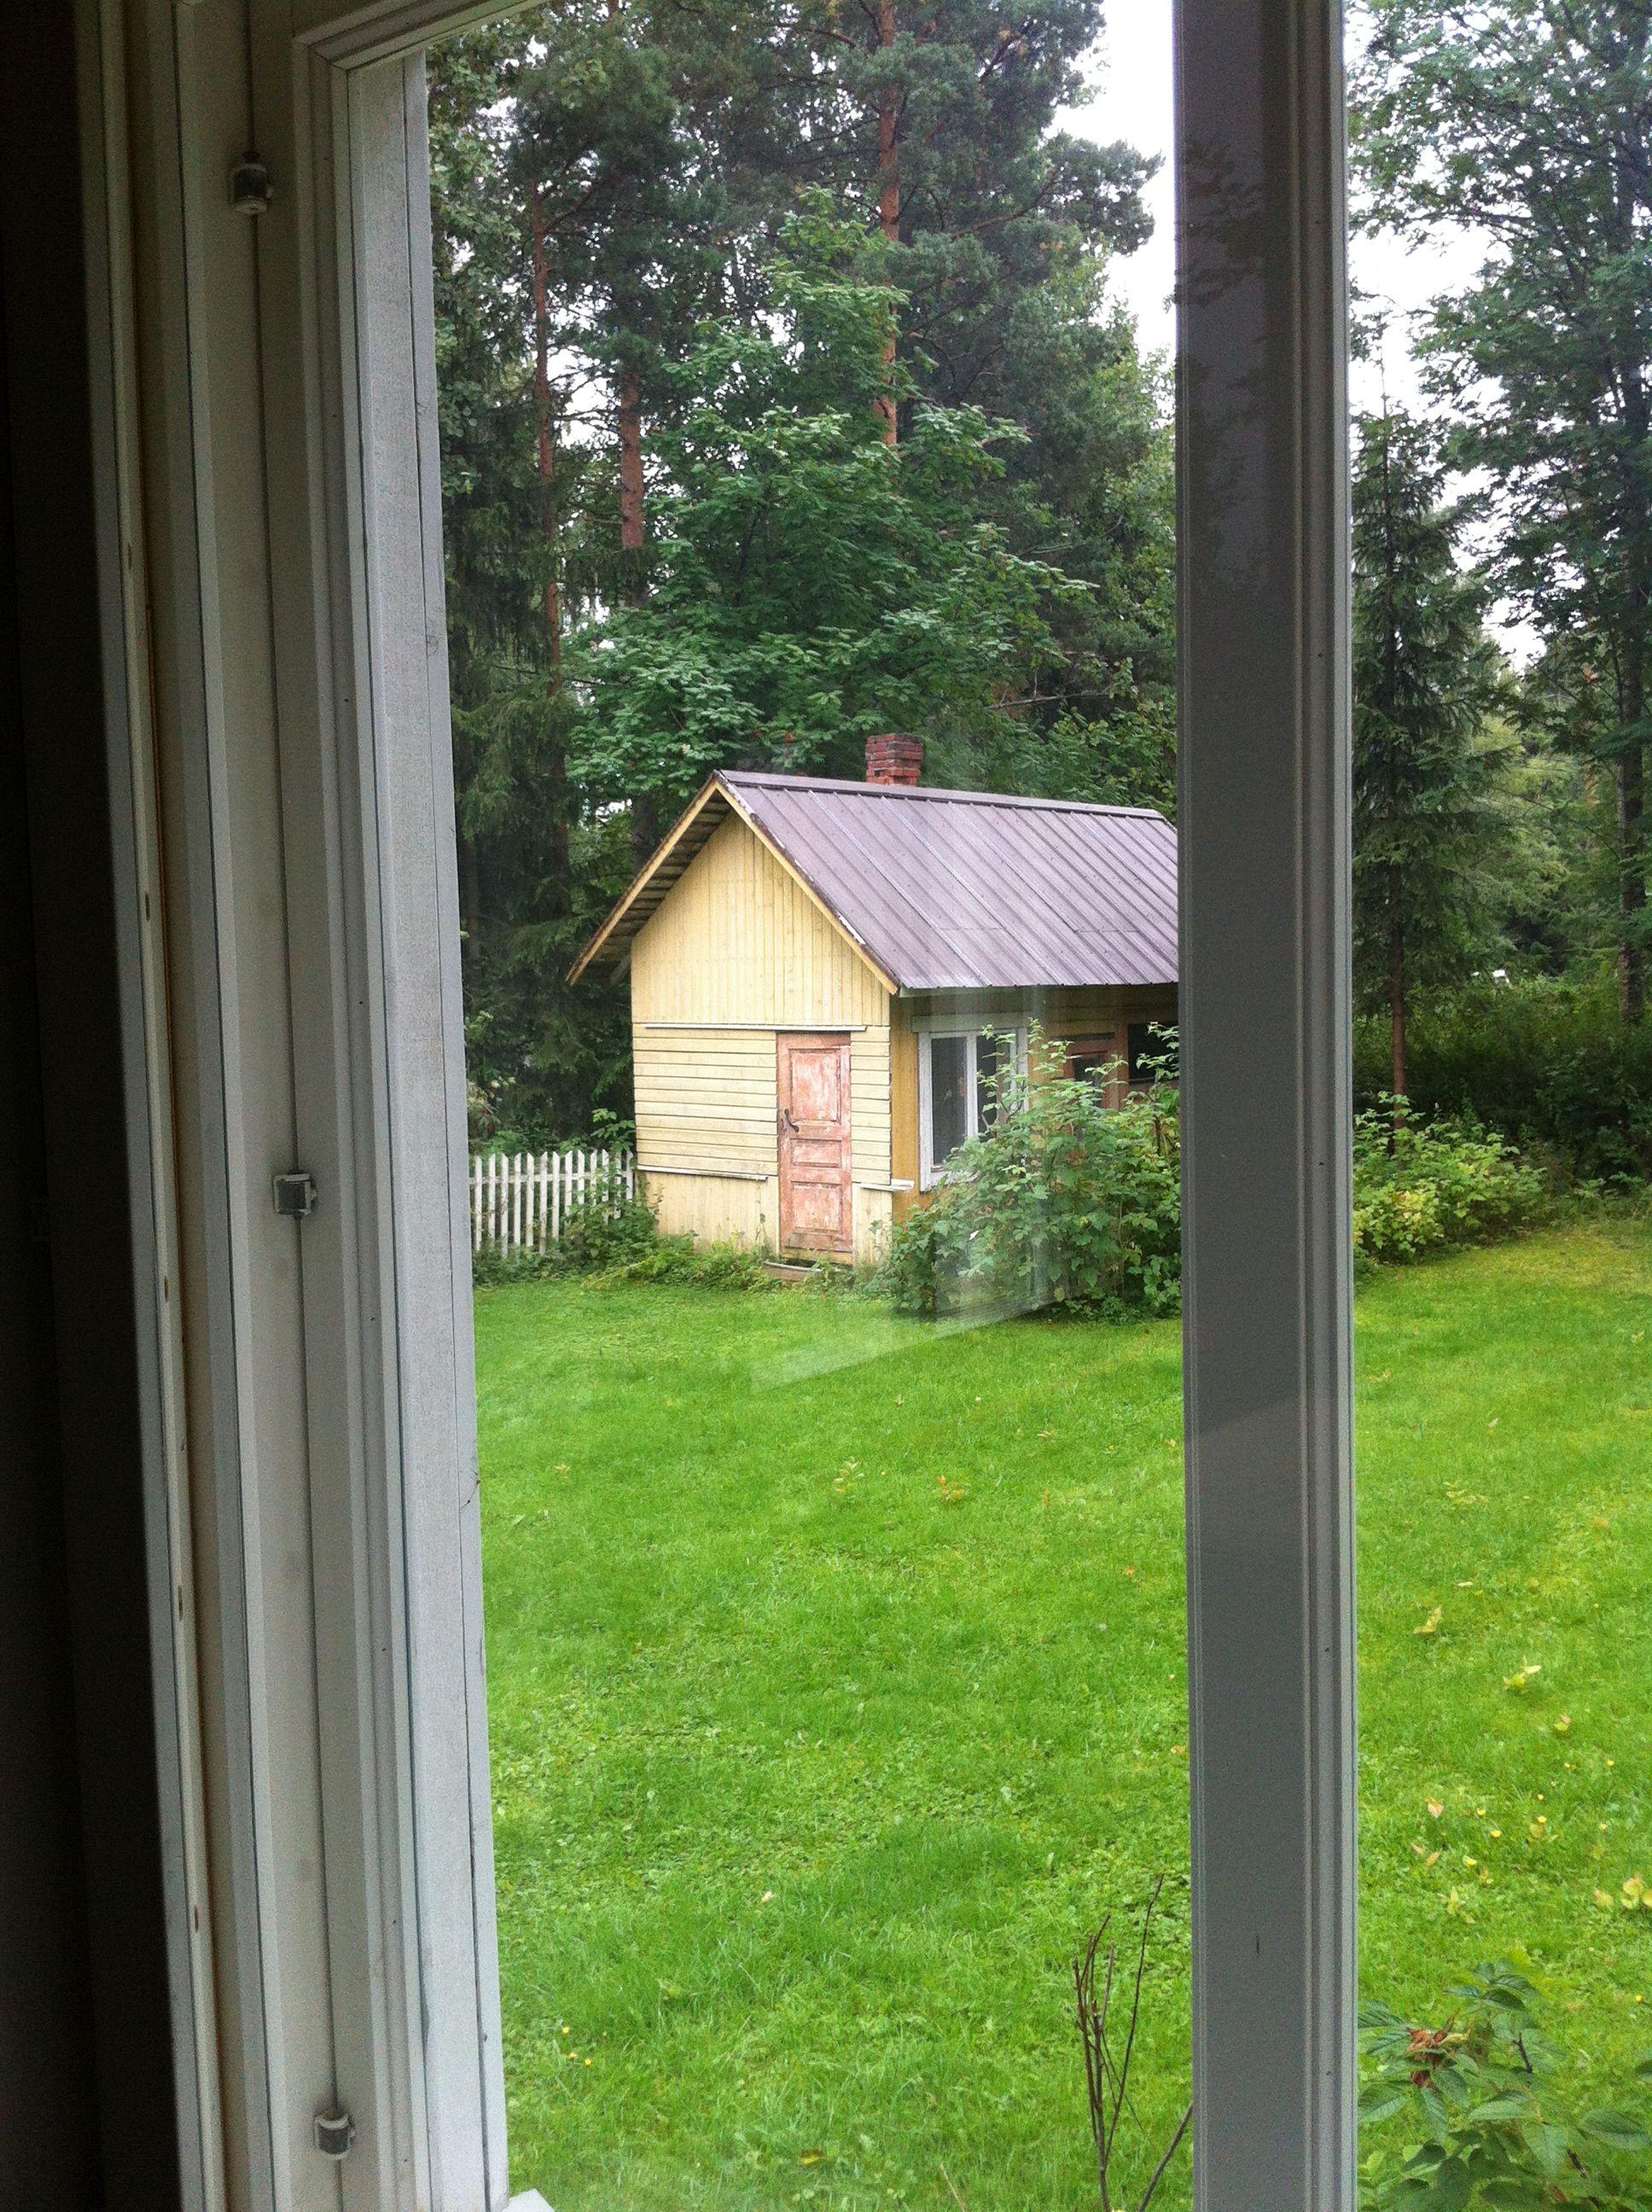 Pihasauna näkyy olohuoneen ikkunasta.